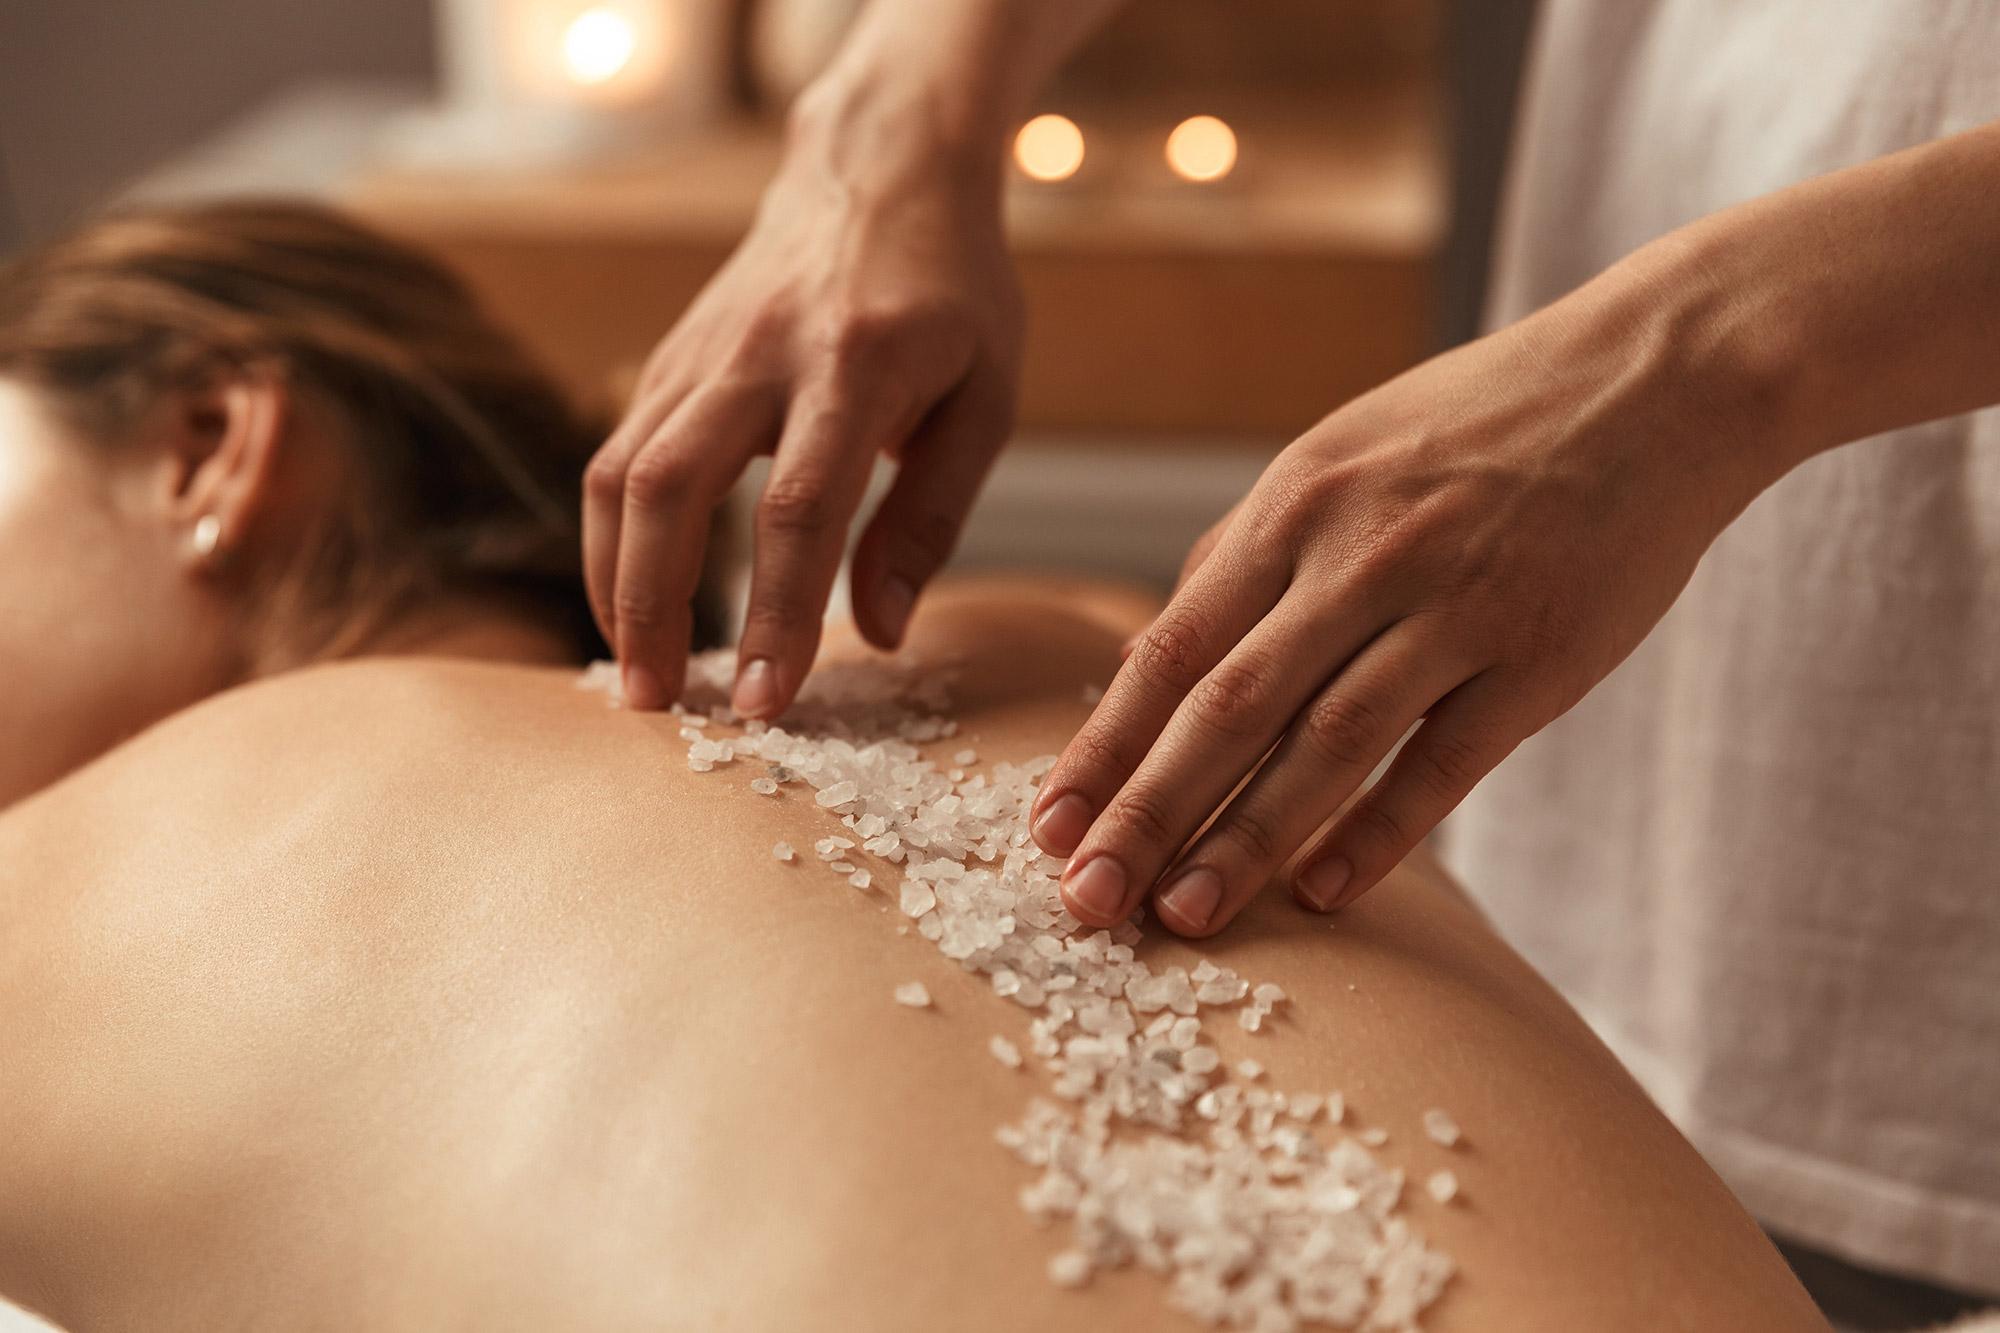 massage-goldfinger-soins-beaute-a-domicile-cote-d-azur